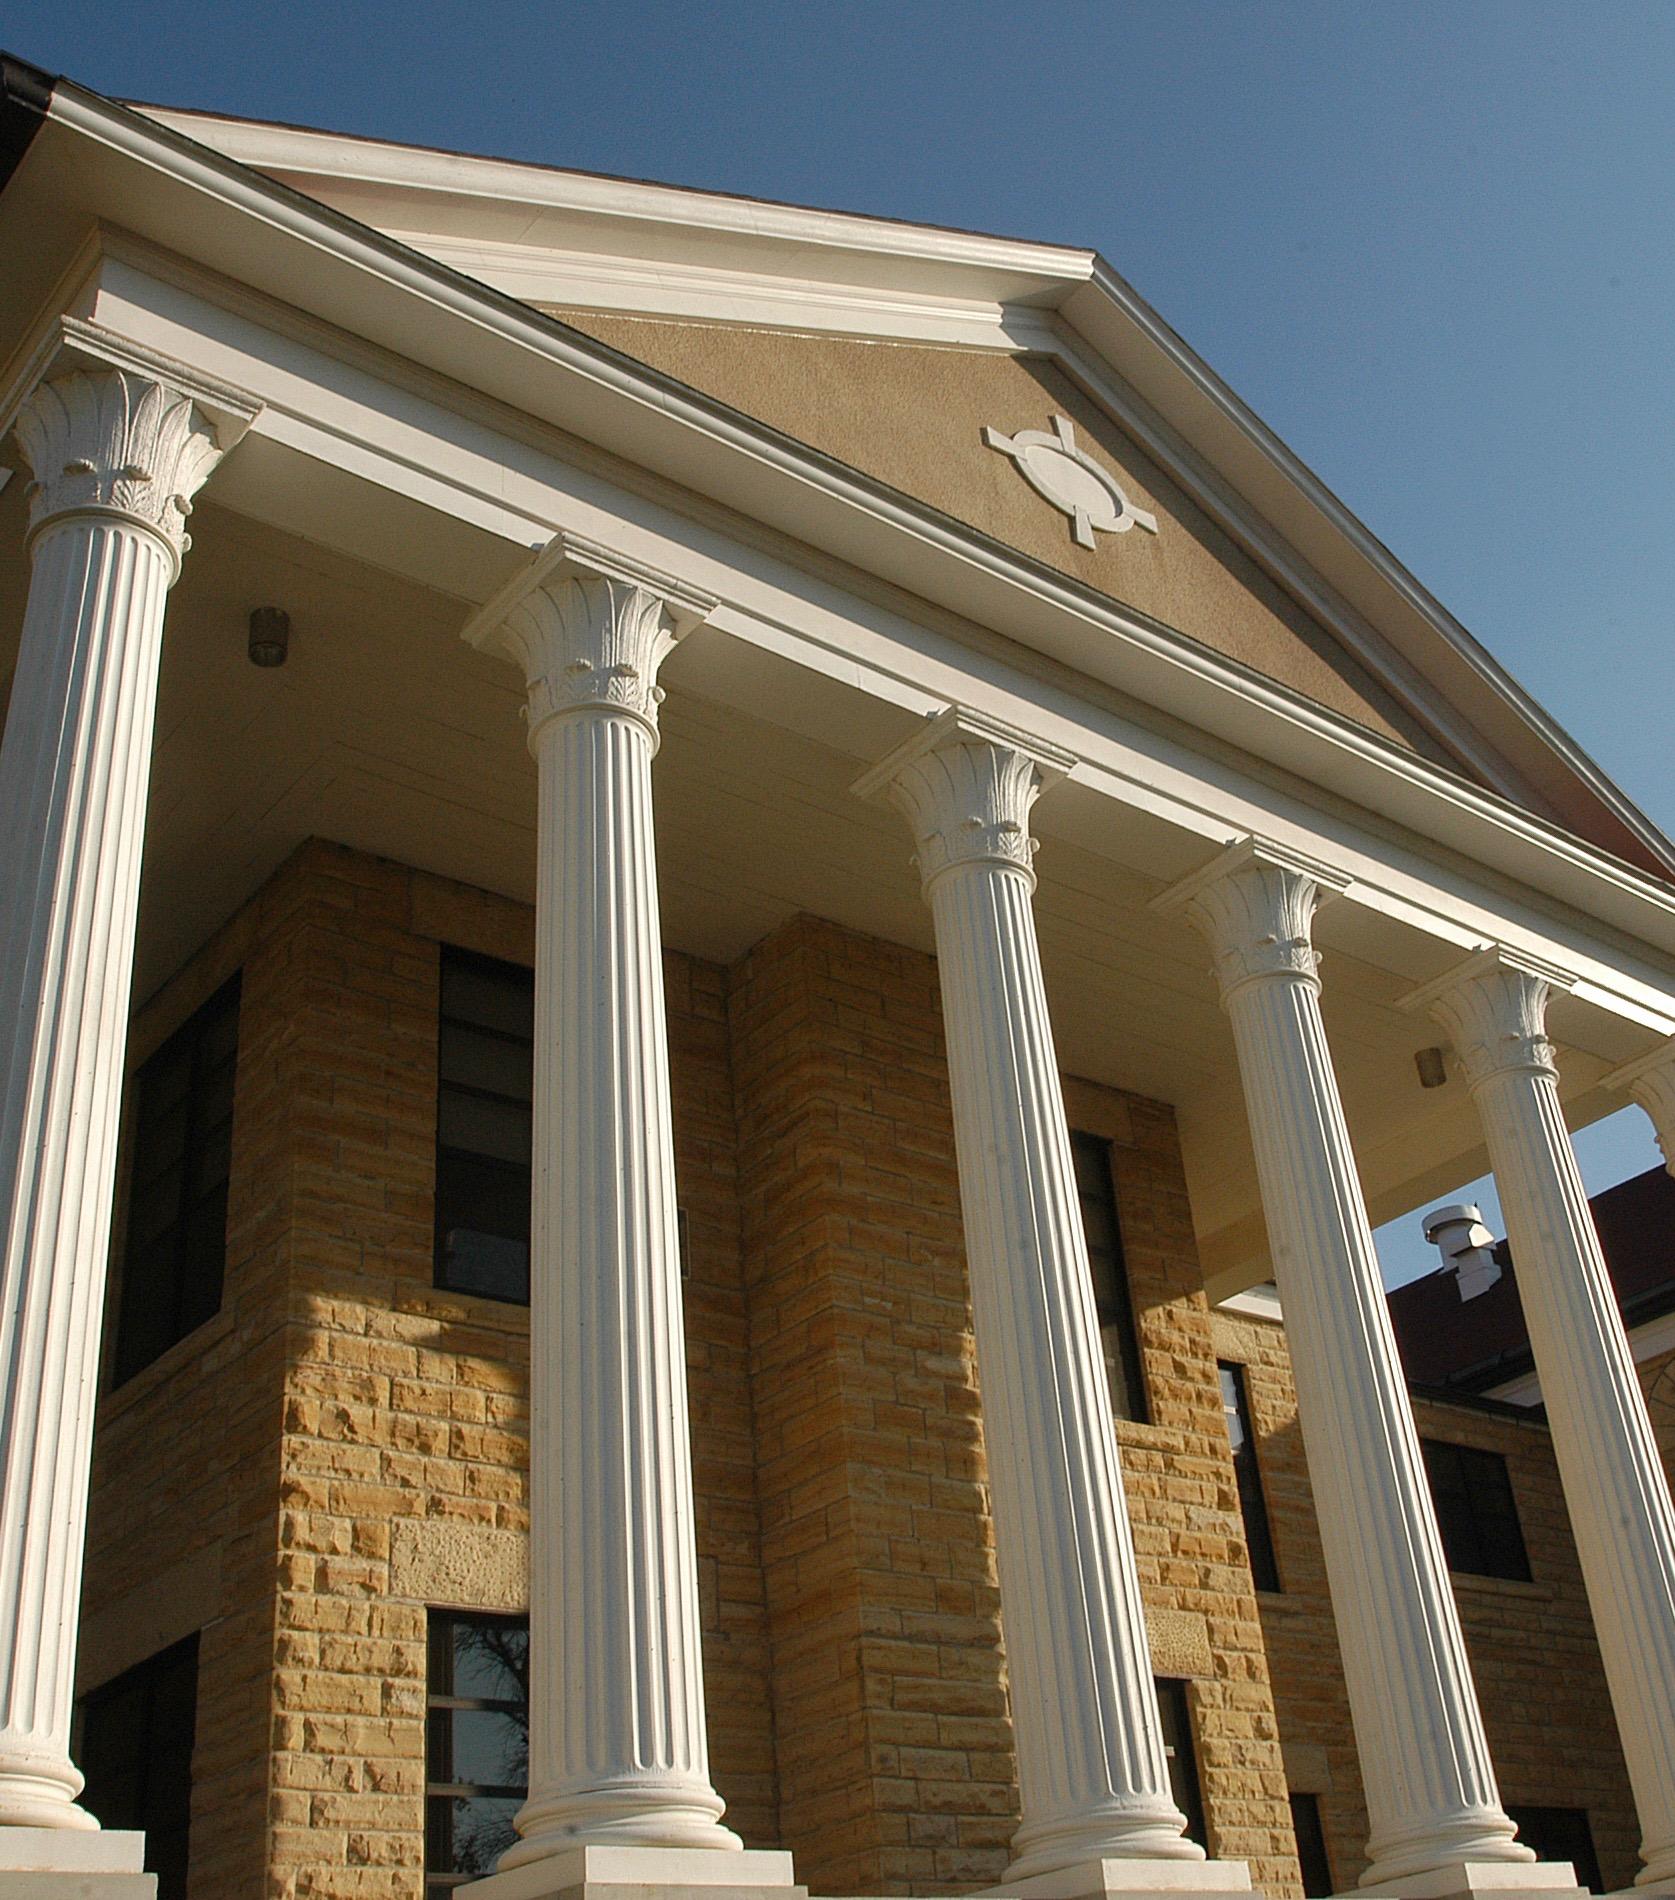 picken Hall pillars